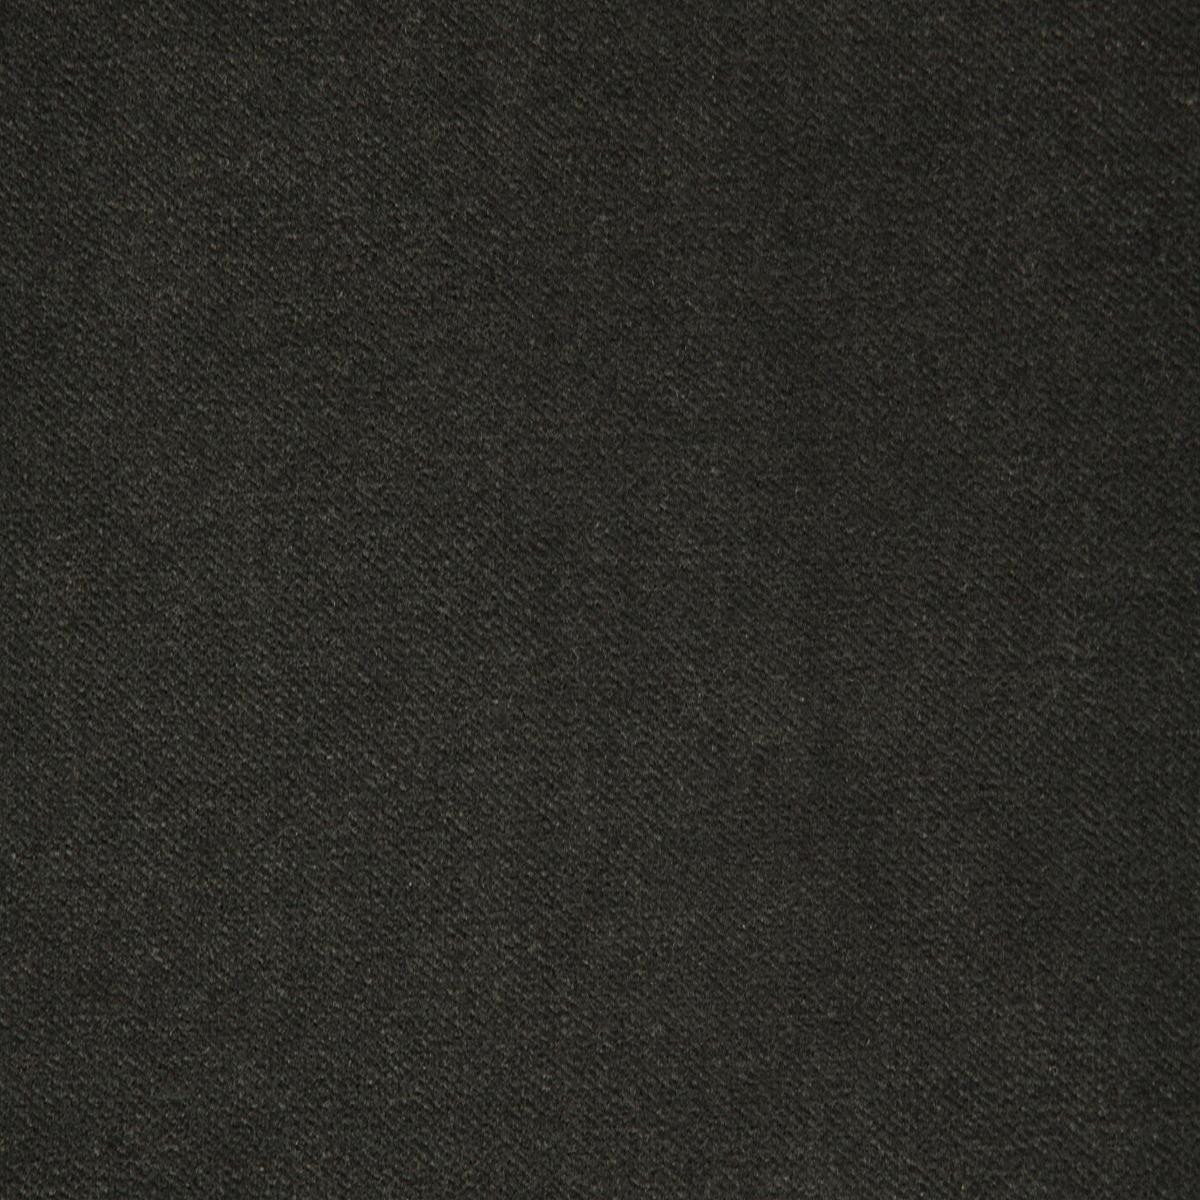 Charcoal 9672